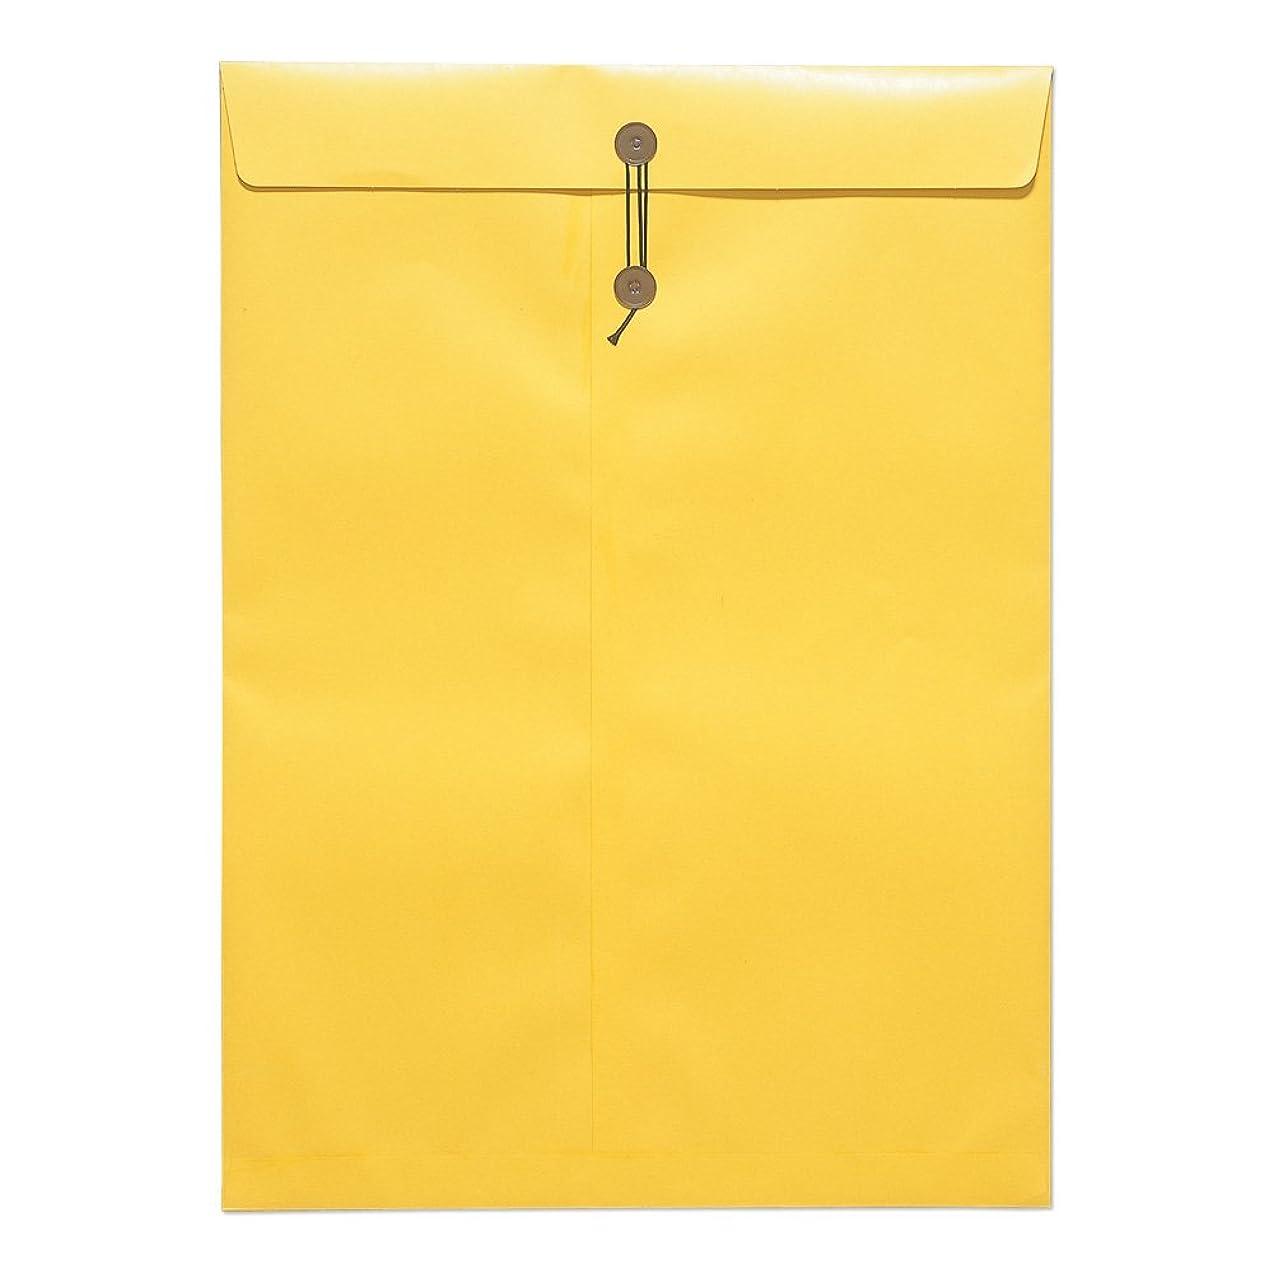 雇う翻訳する当社ビジネスレターケース 【A4対応】【まち20mm】【ジッパー付】 100枚セット (厚紙封筒 書類封筒 ビジネス封筒 クリックポスト対応)